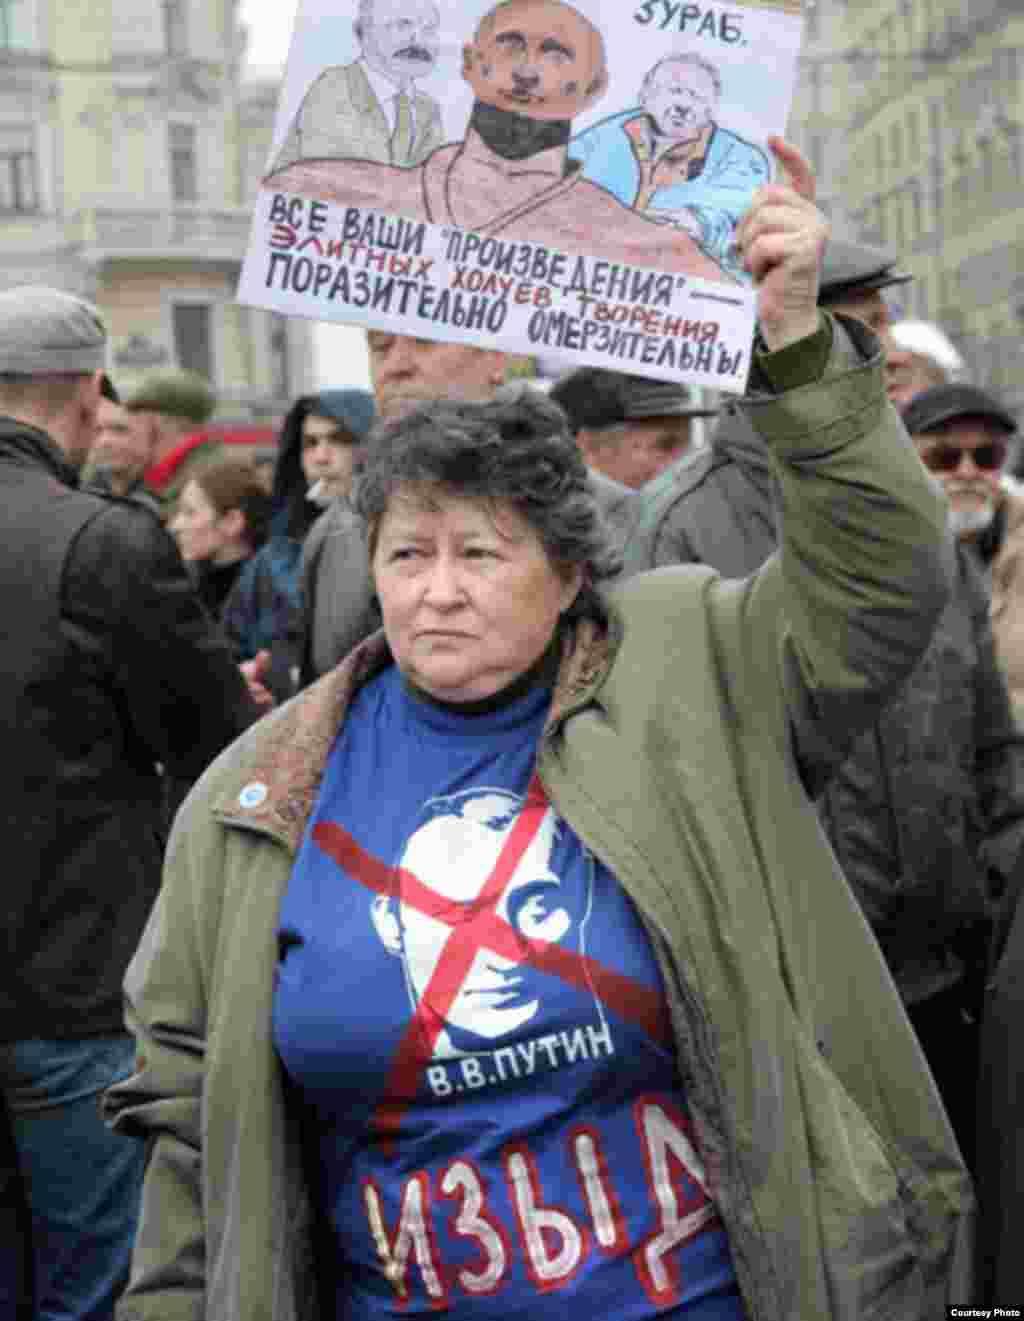 Митинг в поддержку выдвижения Владимира Буковского на пост президента России.